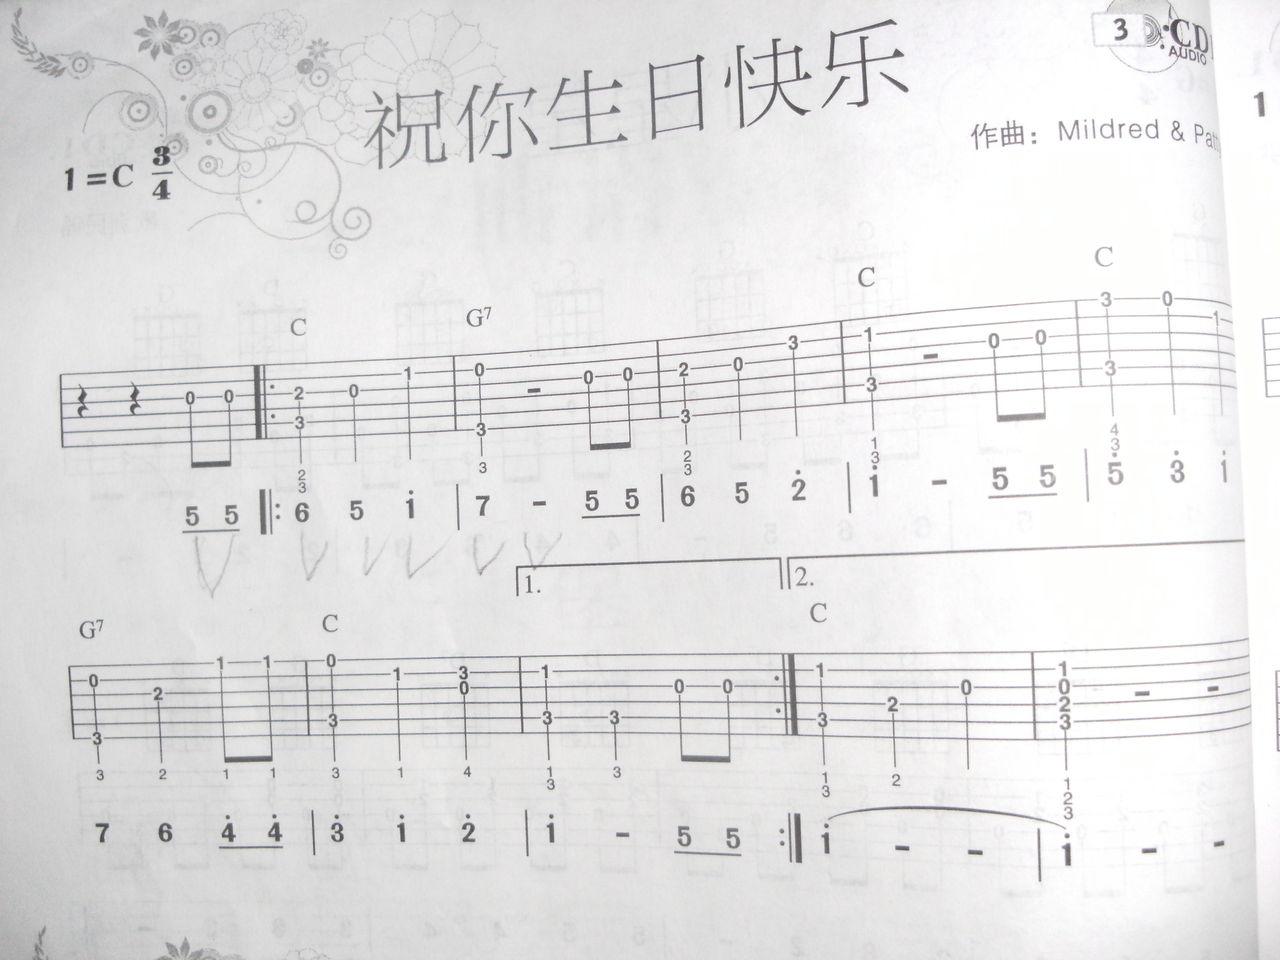 祝你生日快乐吉他_生日 快乐 简谱 生日 快乐 吉他 ...